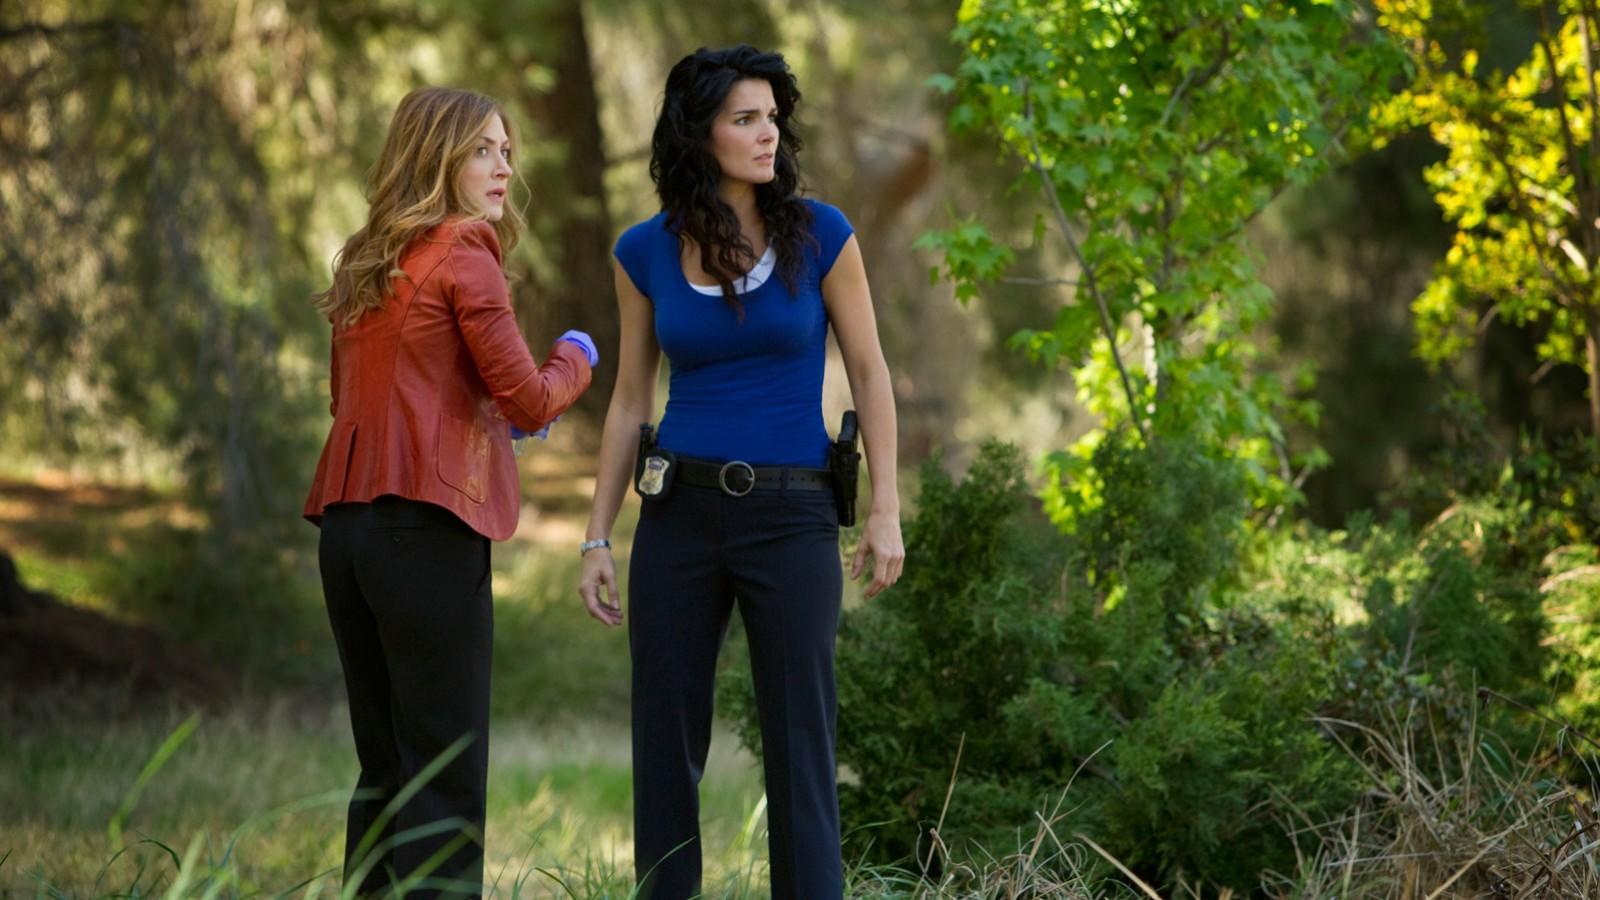 A bostoni nyomozó, Jane Rizzoli (Angie Harmon) és törvényszéki orvosszakértő társa, Maura Isles (Sasha Alexander) igen ügyes párost alkotnak, nem is beszélve a legjobb barátaikról. (TNT)